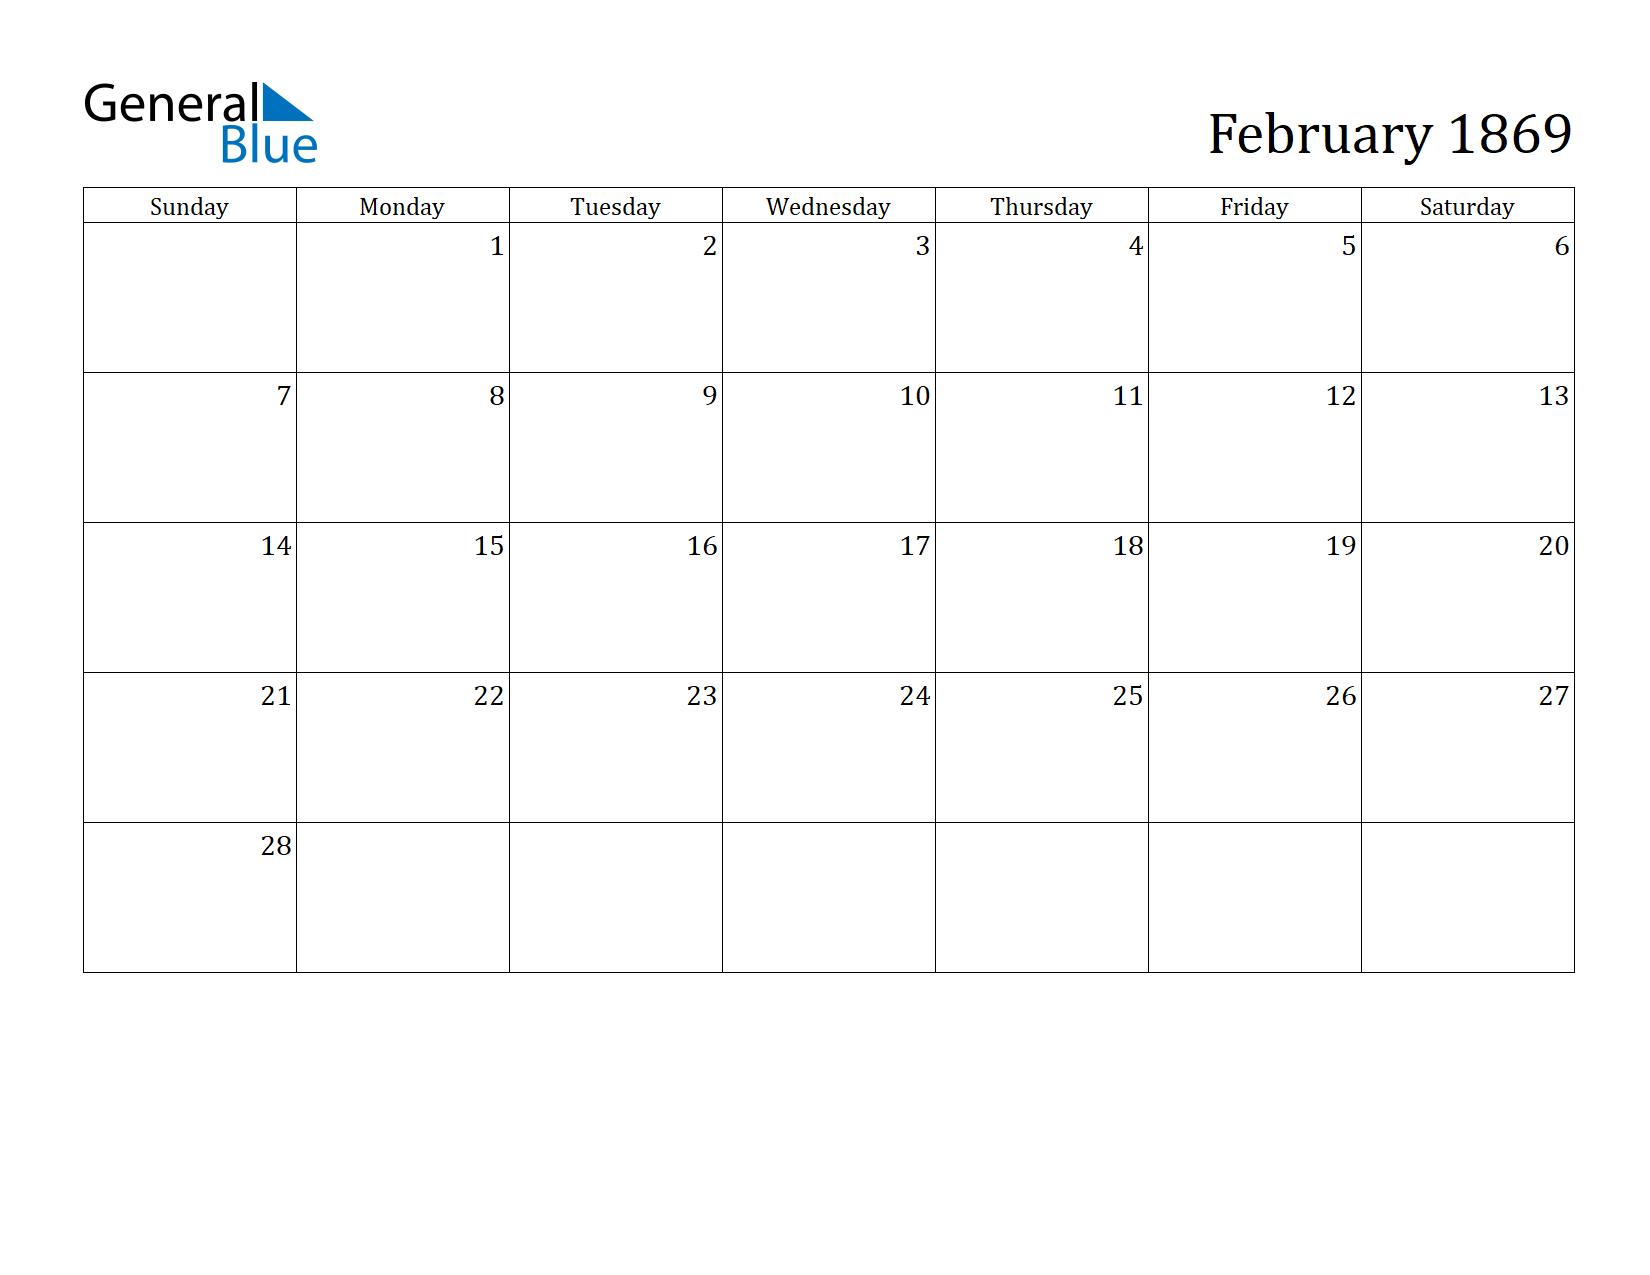 Image of February 1869 Calendar